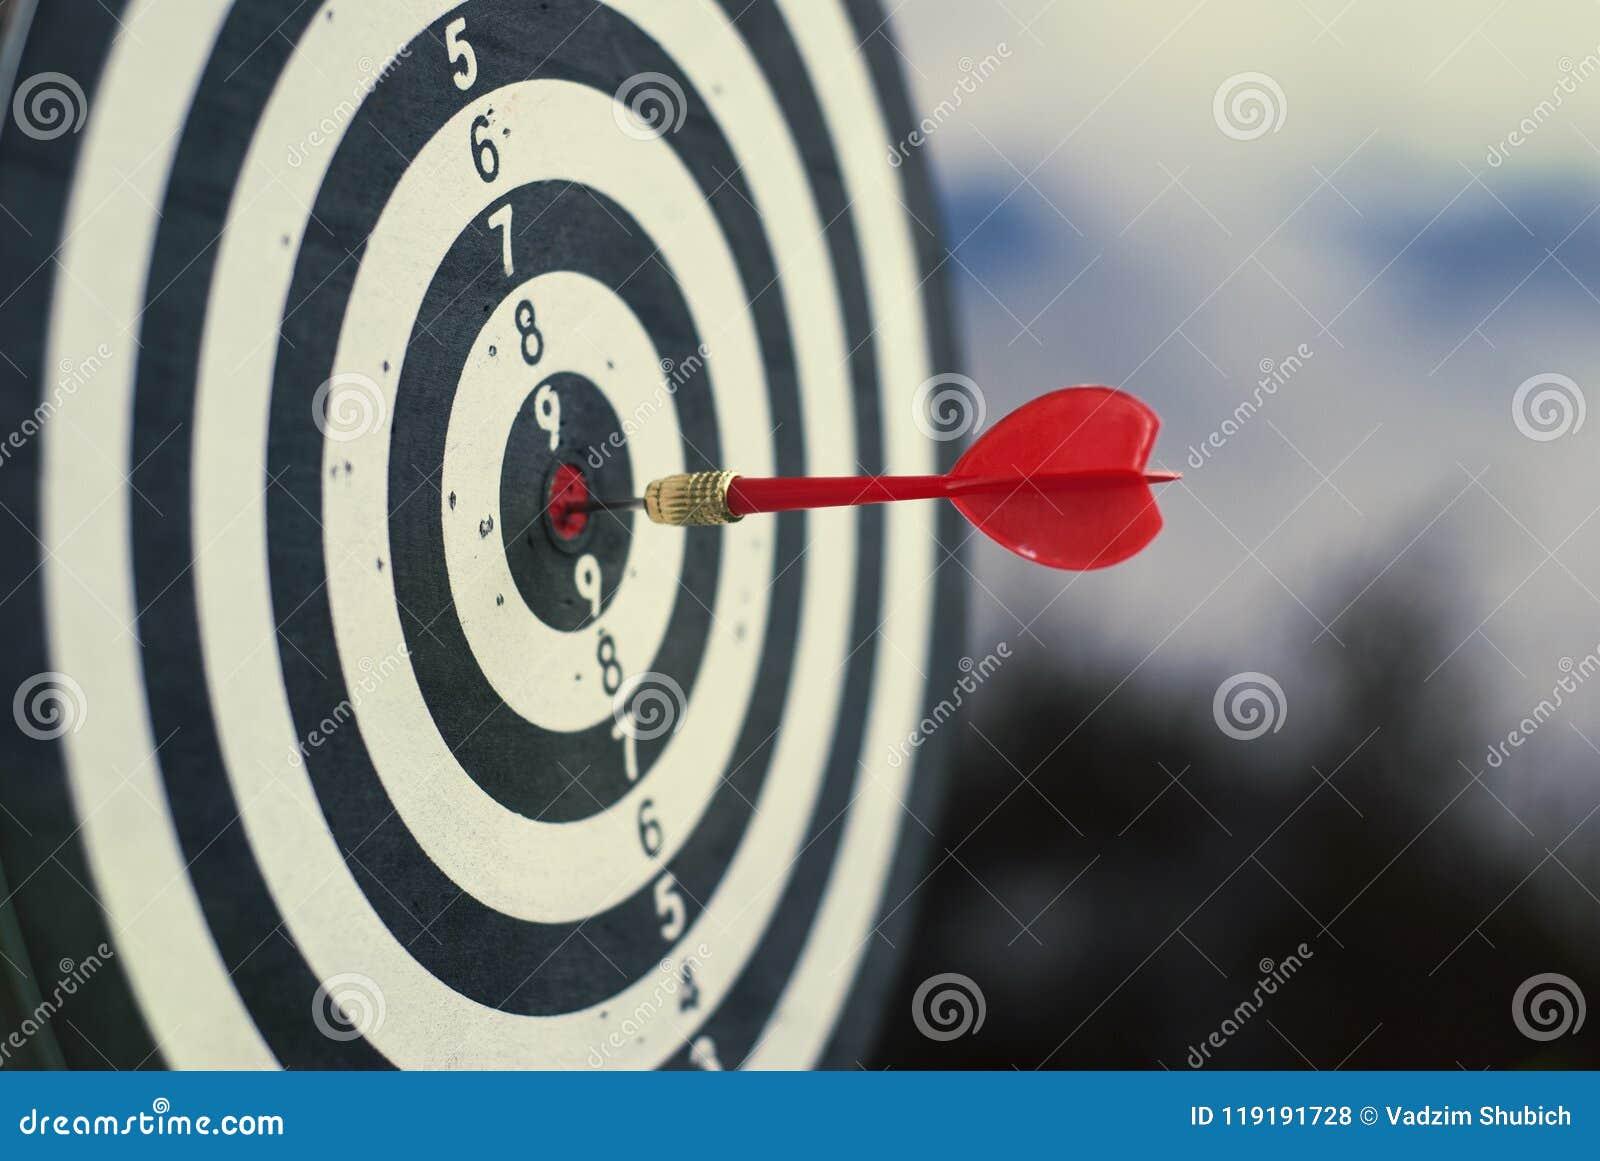 Freccia rossa sparata del dardo nel centro del bersaglio Concetto per mirare al successo ed al vincitore